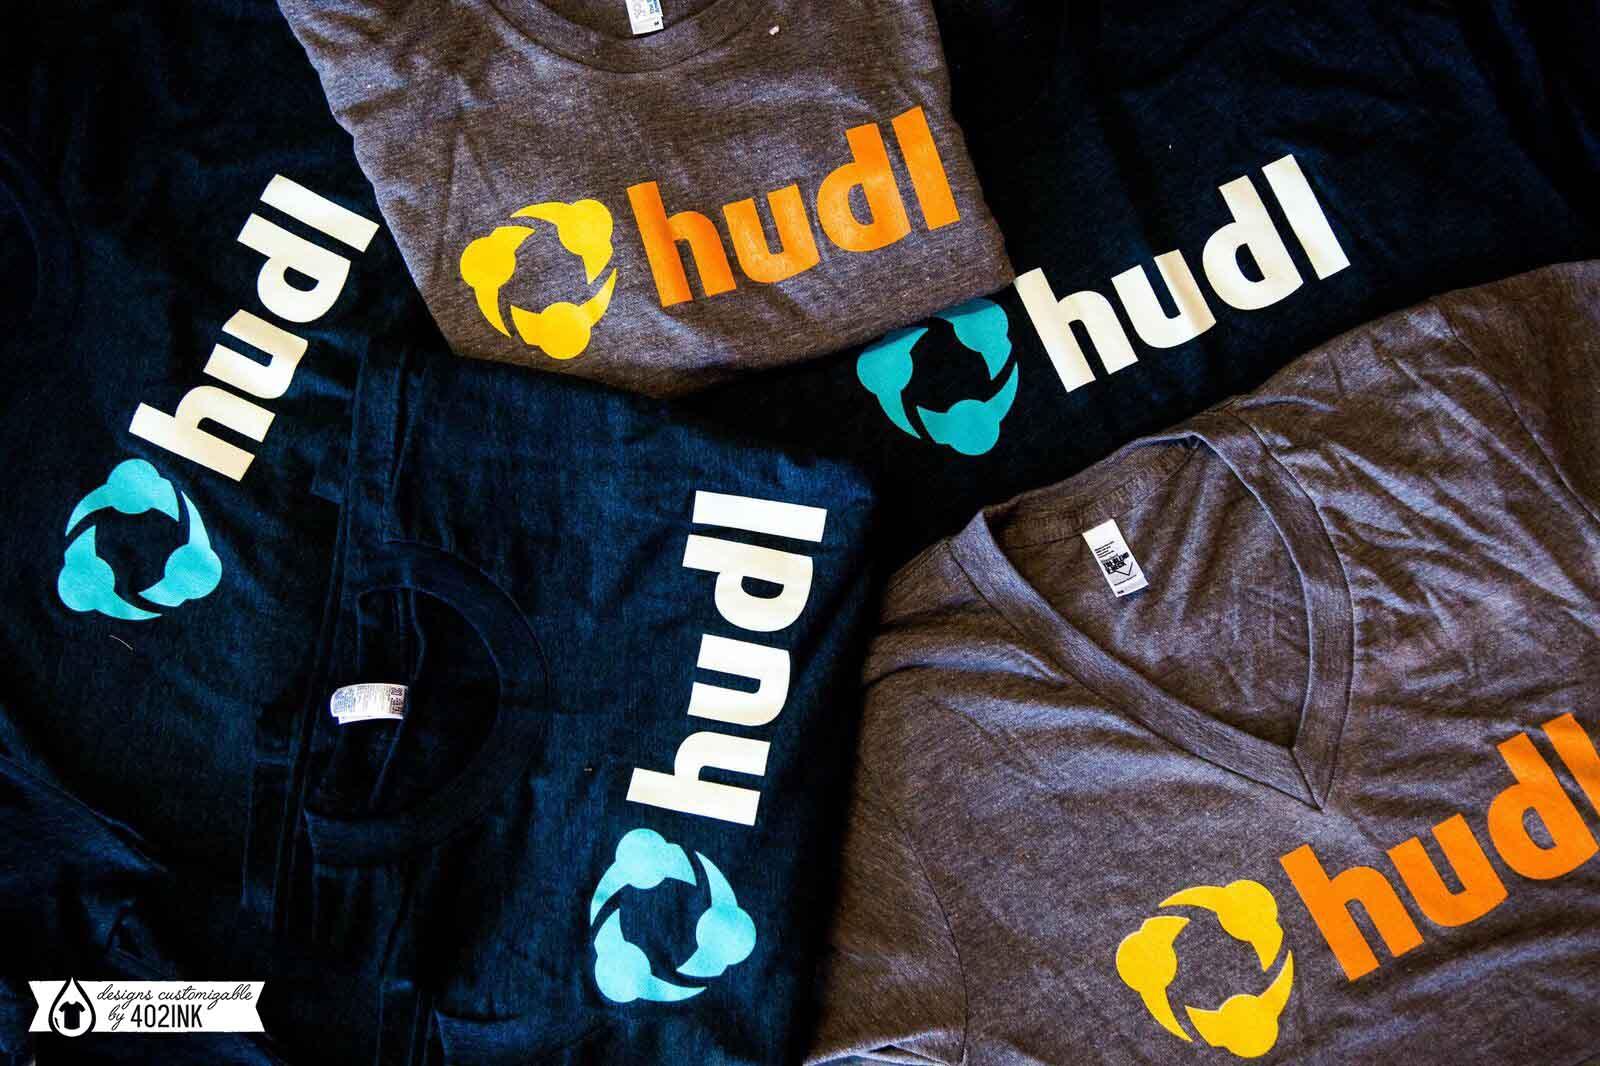 hudl_17003